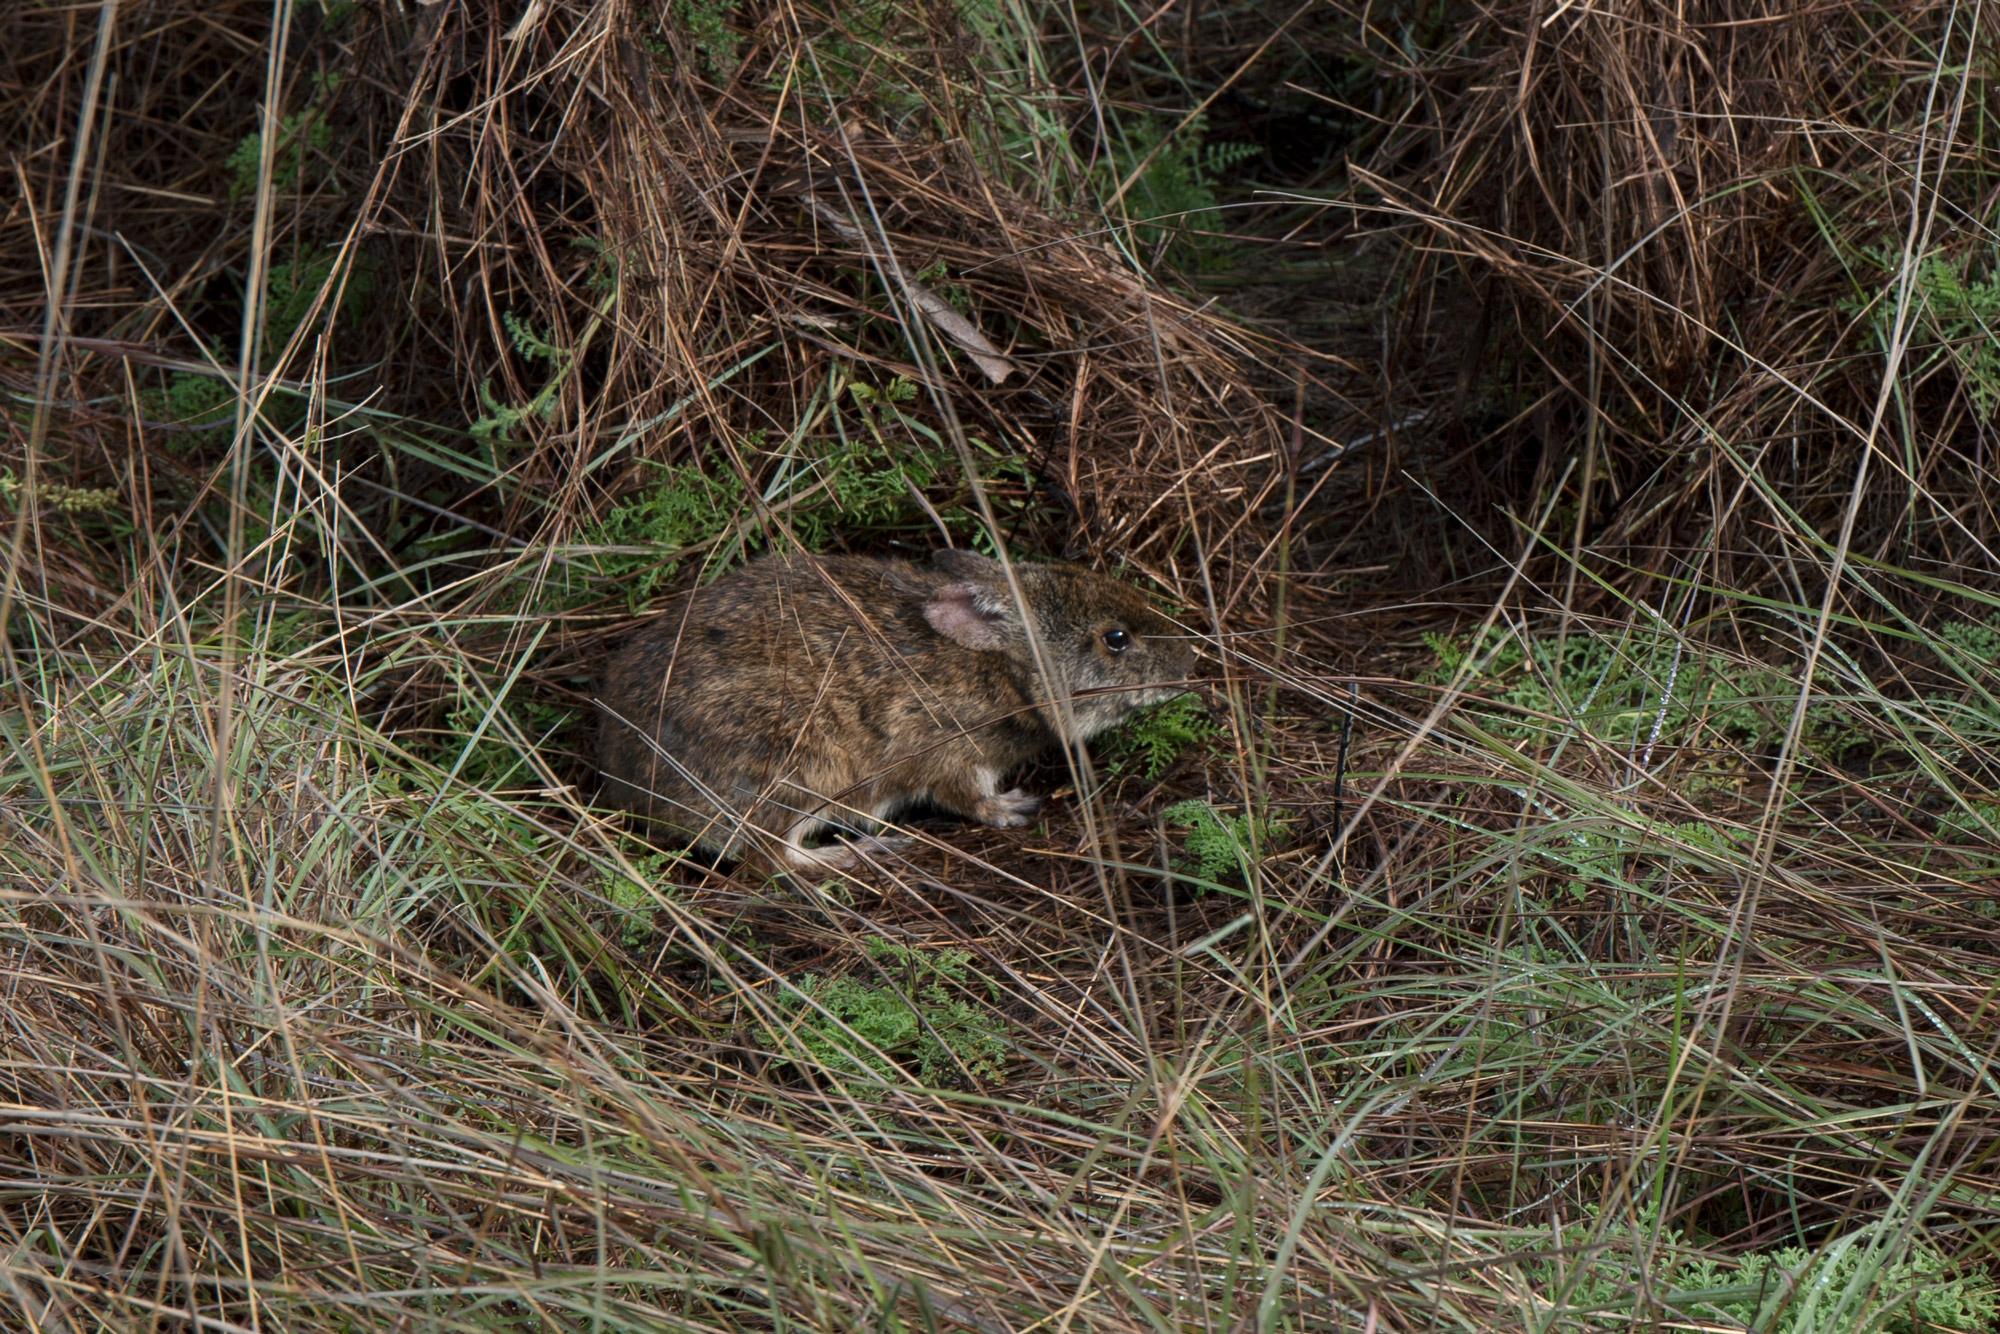 Lower Keys Marsh Rabbit - Sylvilagus palustris hefneri